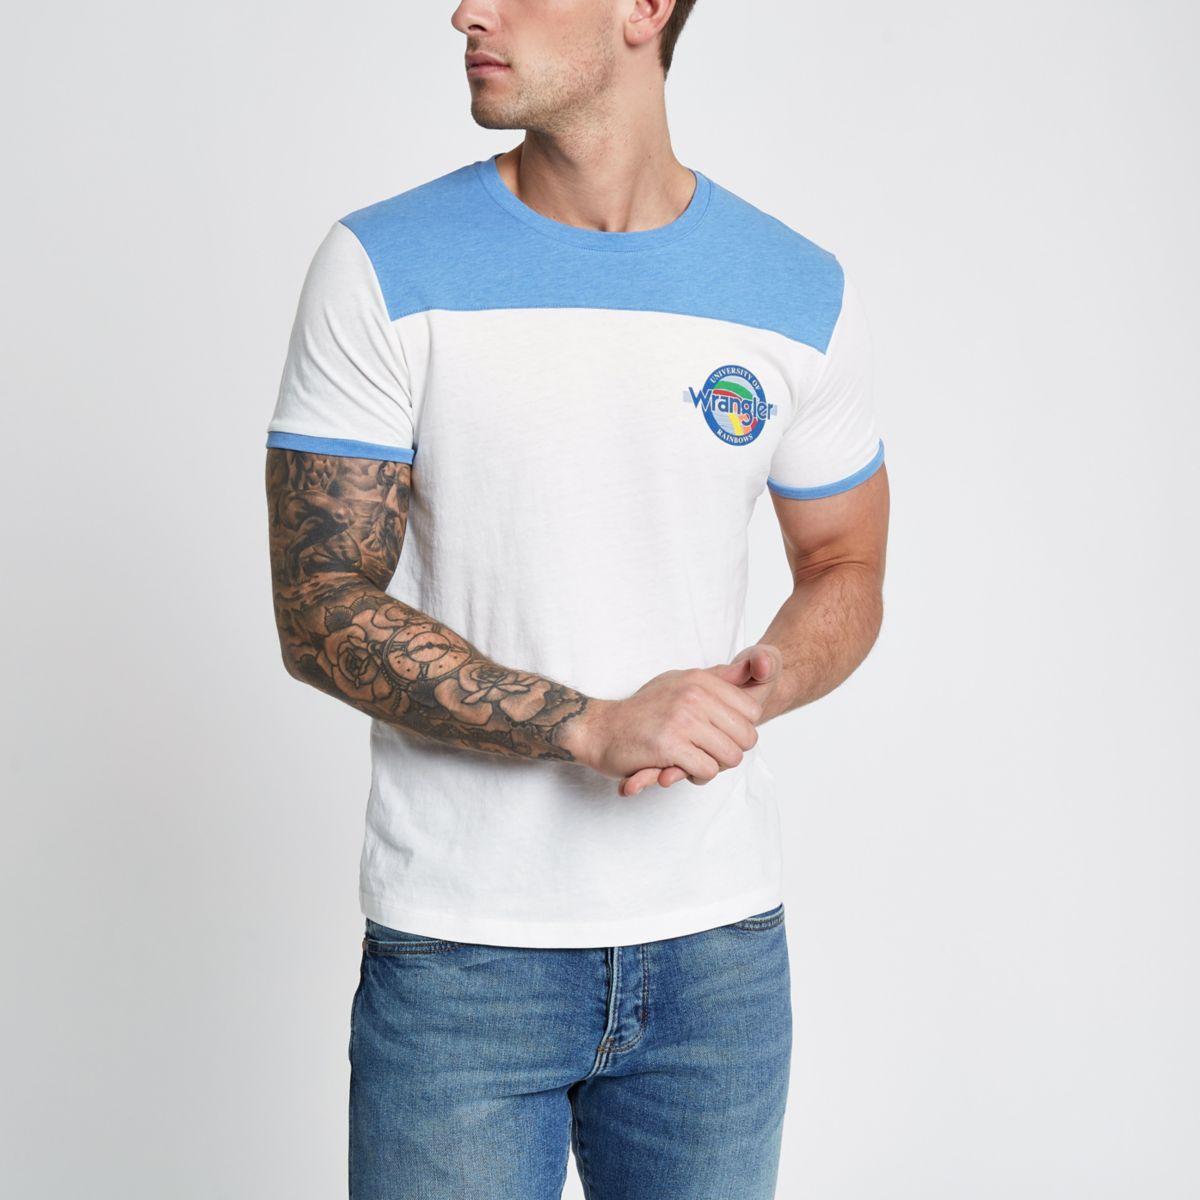 Wrangler – T-shirt bleu contrasté à manches courtes